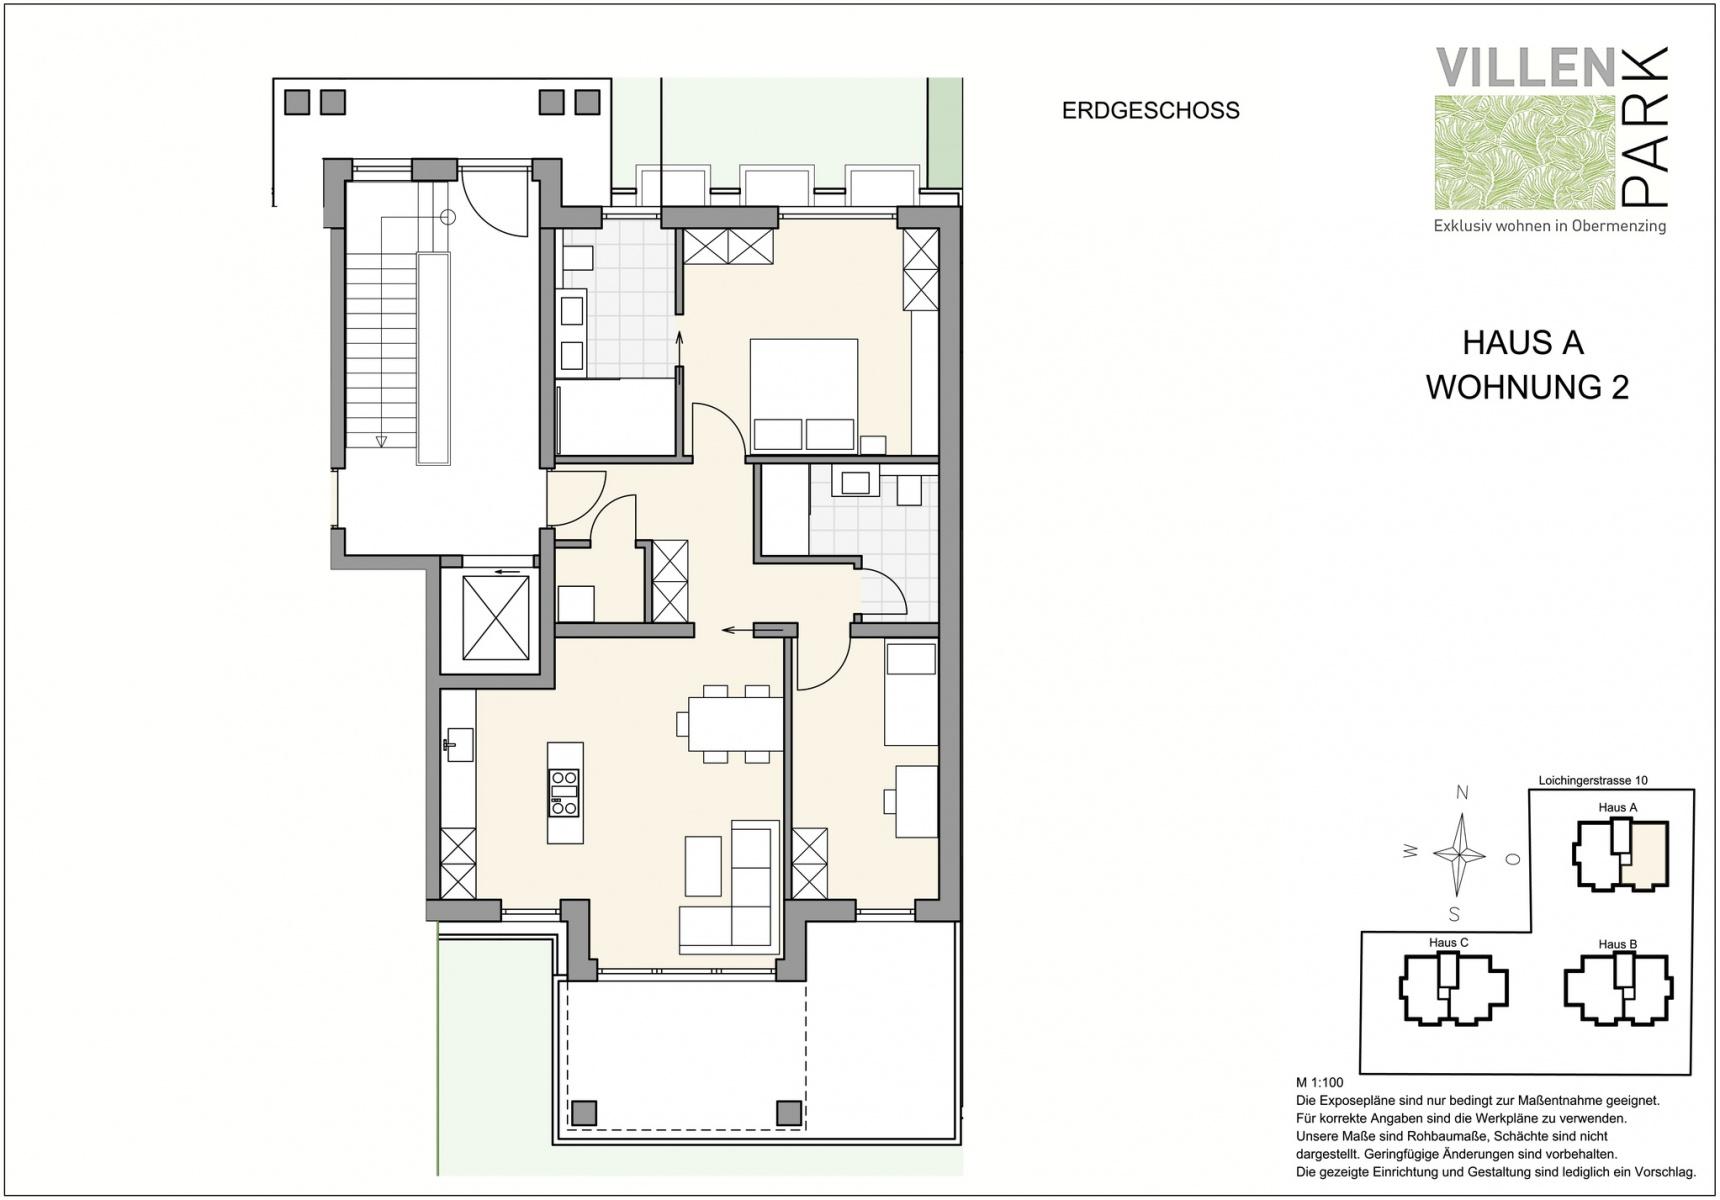 9777_02_Wohnung_Erdgeschoss-Garten_SO